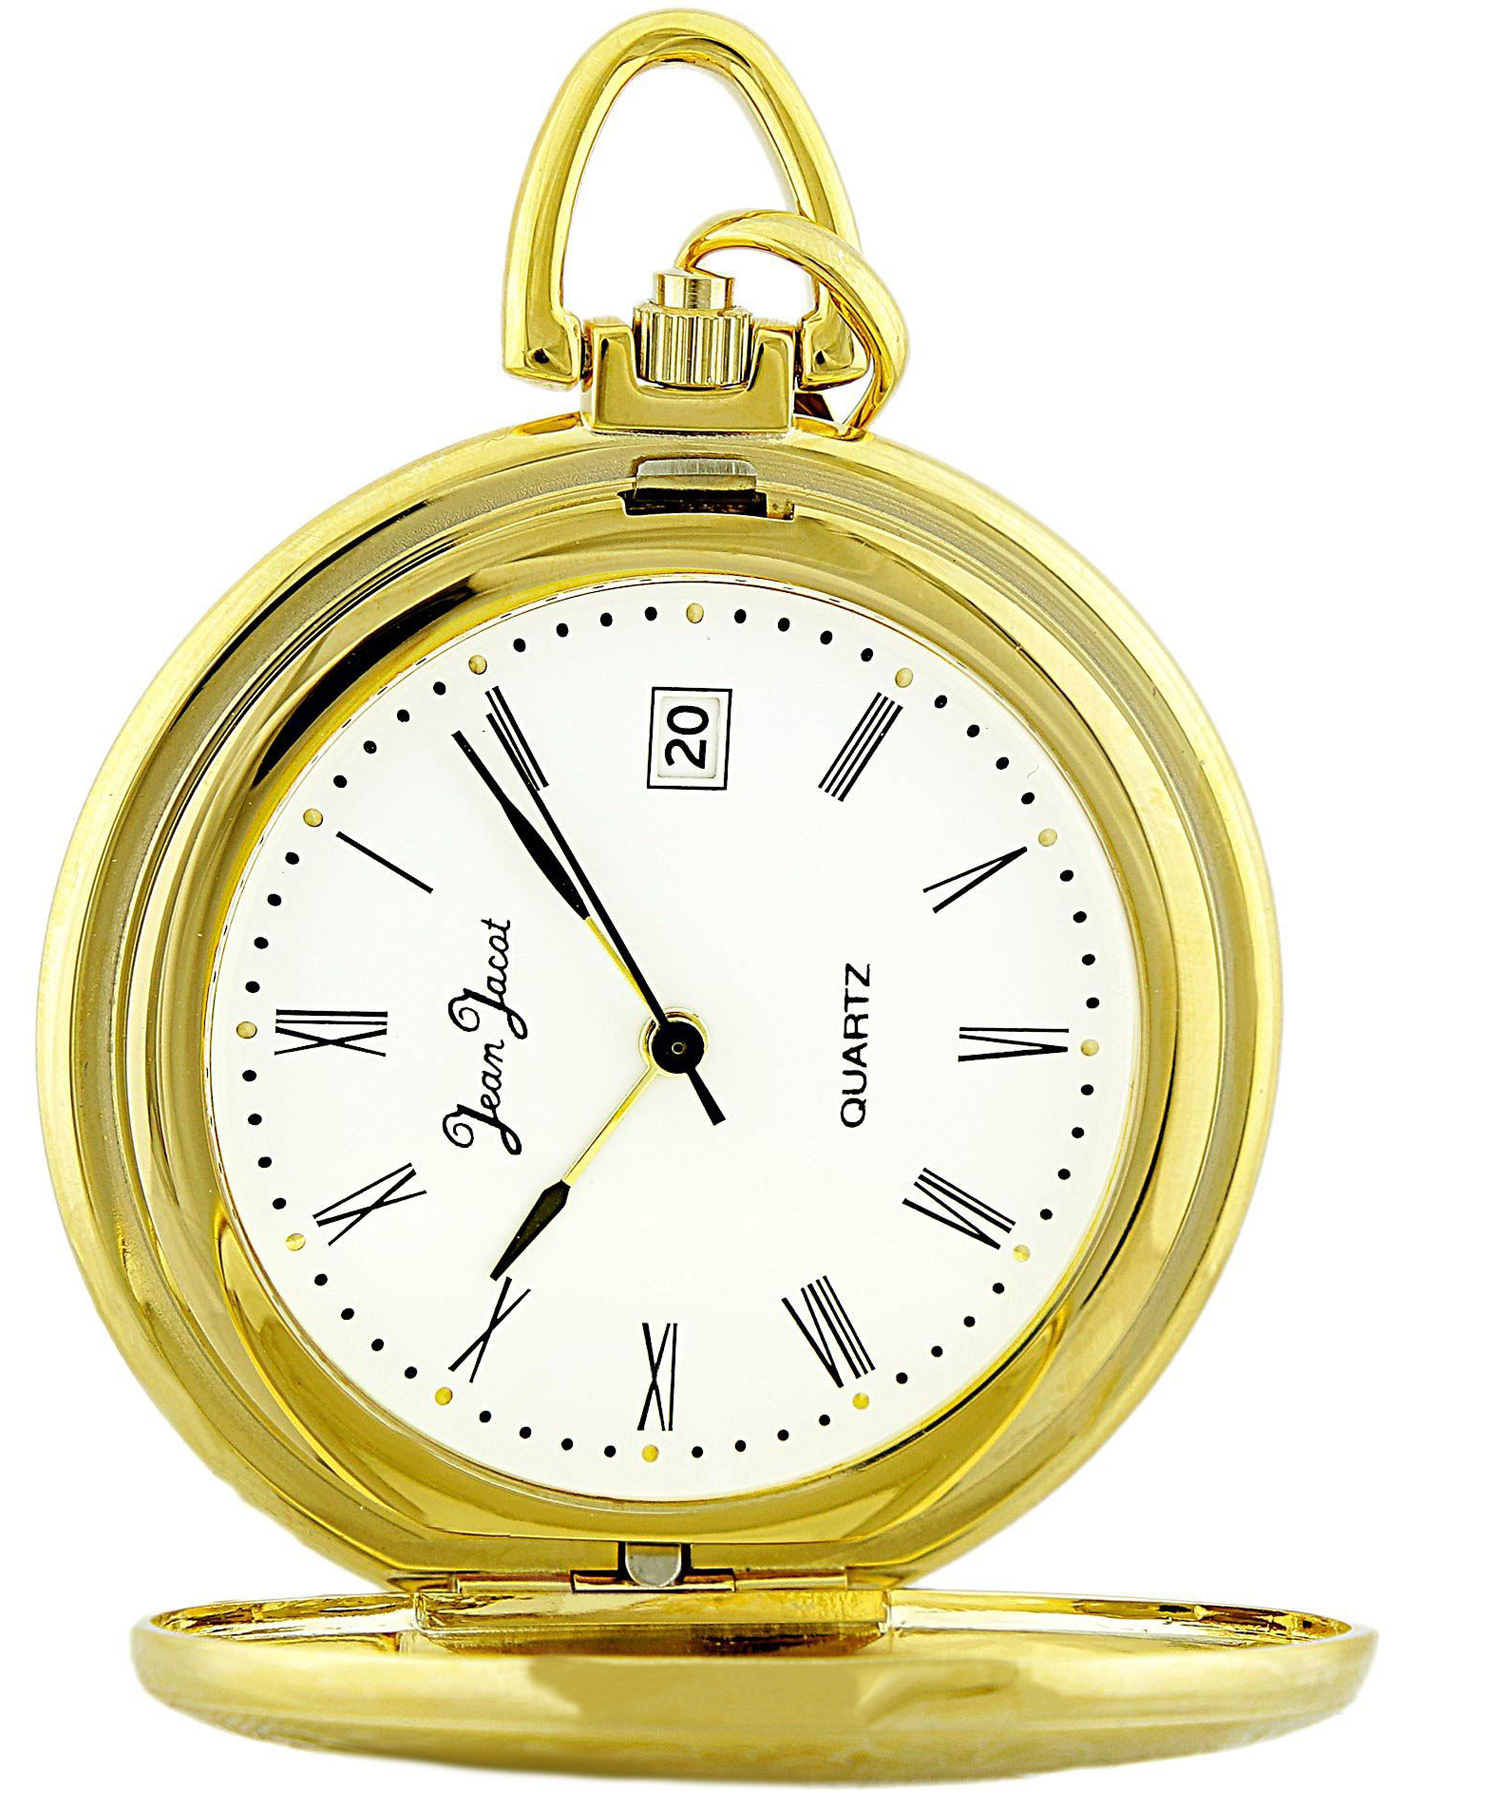 تصویر ساعت جیبی مردانه ژان ژاکت ، کد 1043-QG